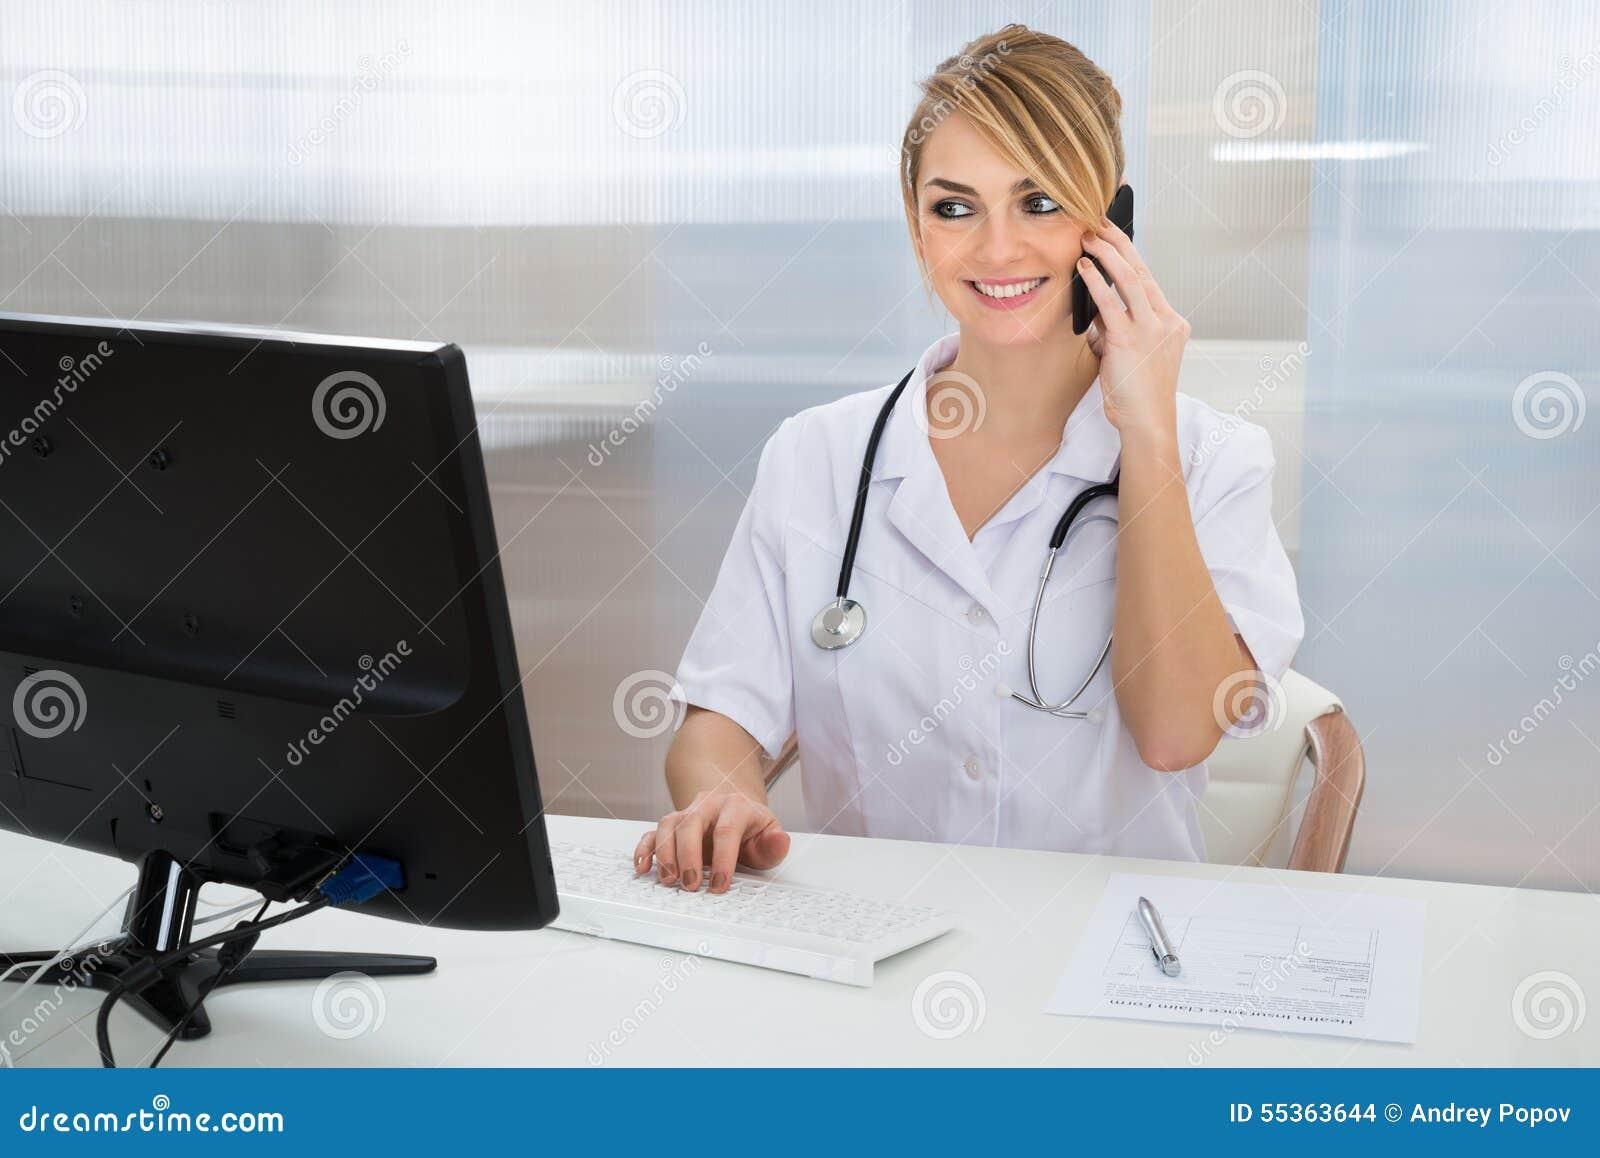 Medico che parla sul cellulare